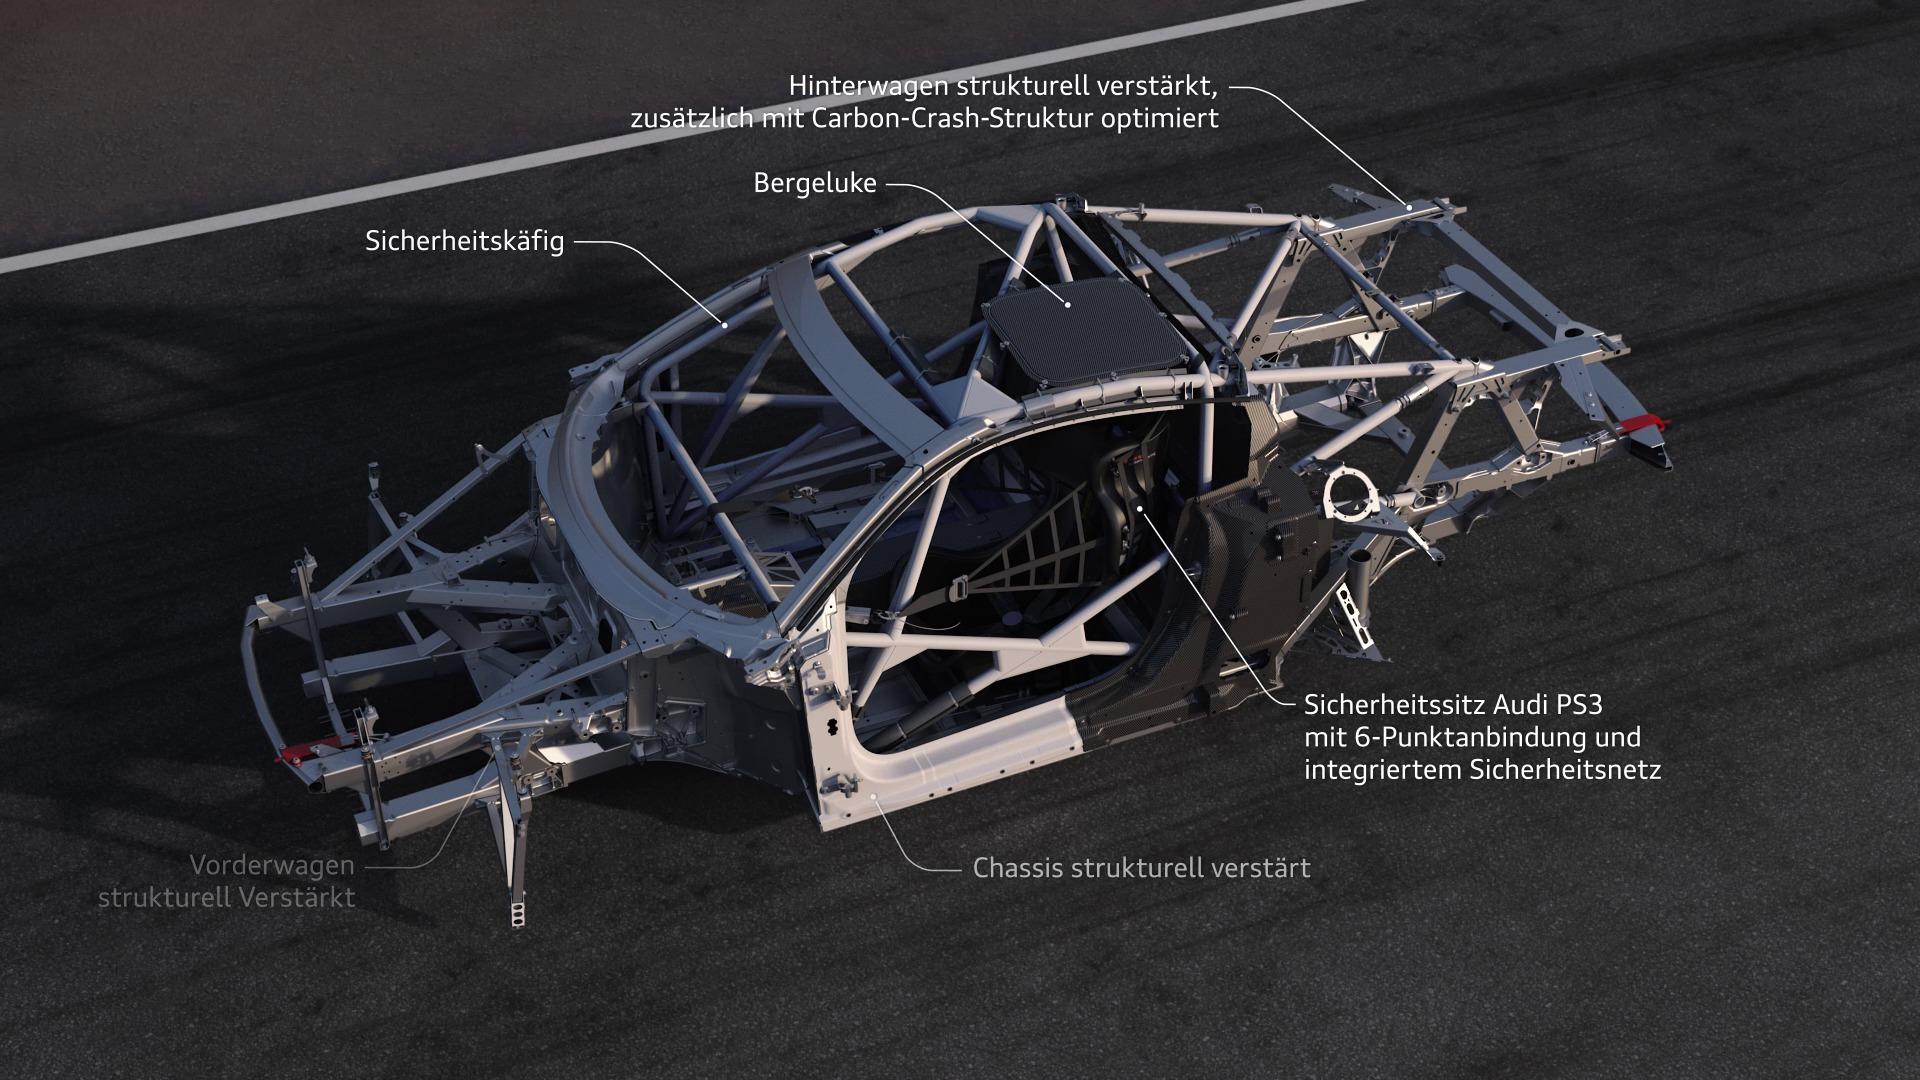 Audi R8 LMS – Sicherheitskonzept und Antriebsstrang